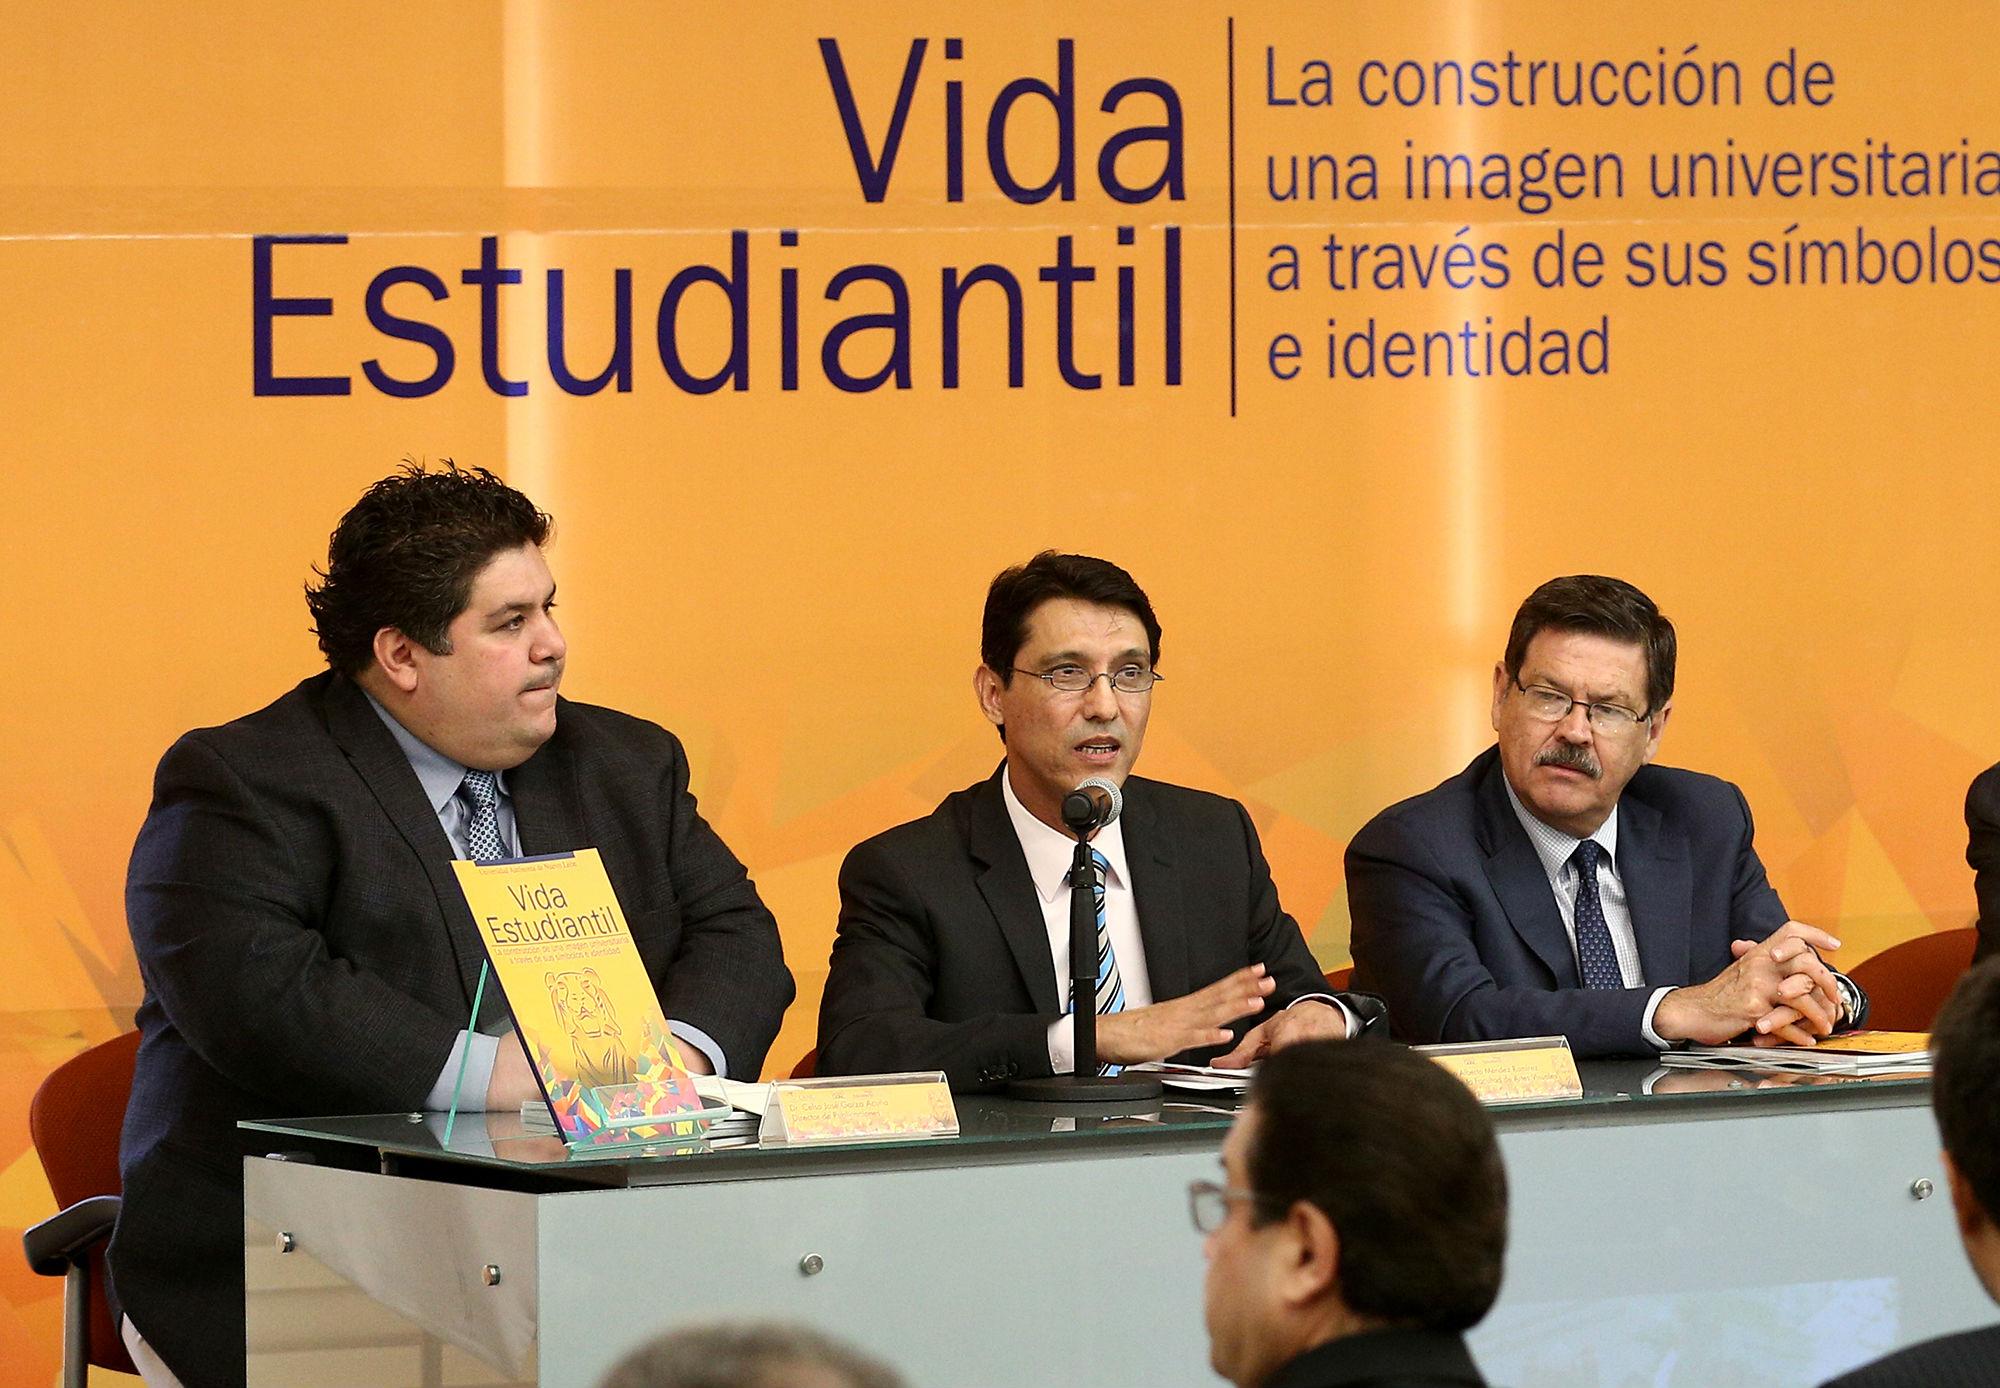 El Dr. Mario Méndez Ramírez, director de la Facultad de Artes Visuales, fue uno de los presentadores del libro